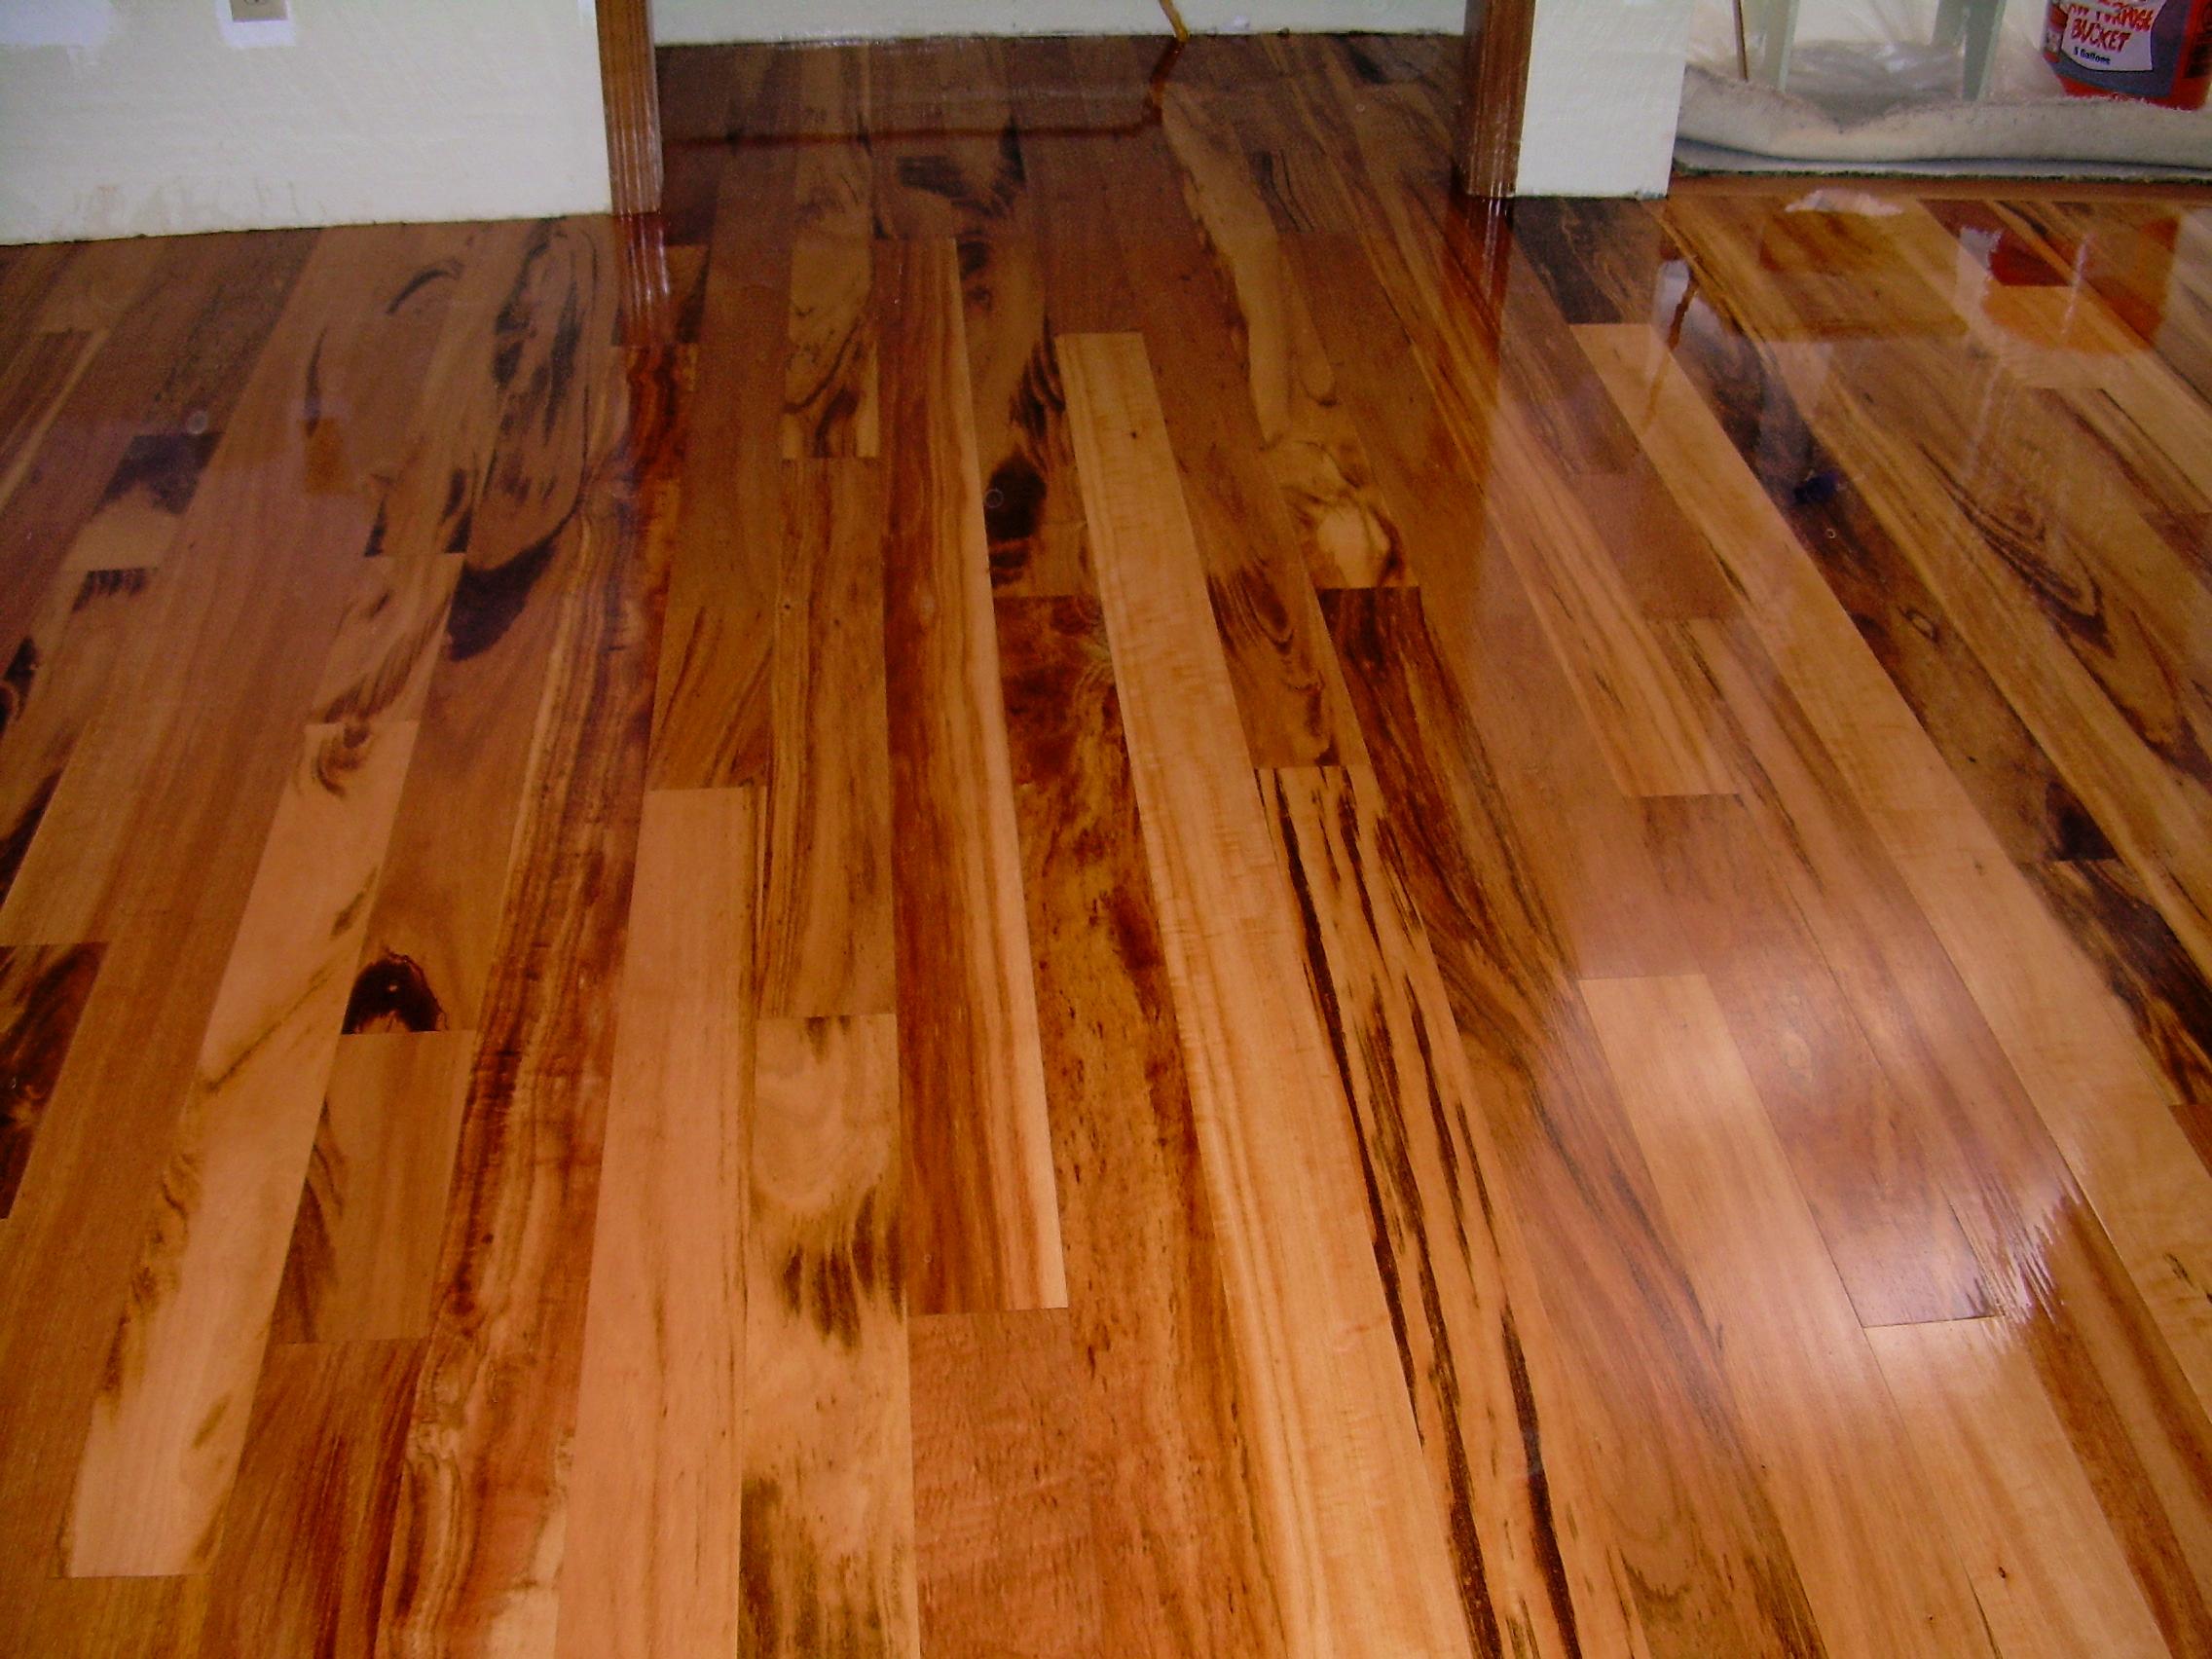 Brazilian Koa/Tigerwood Solid Hardwood Flooring